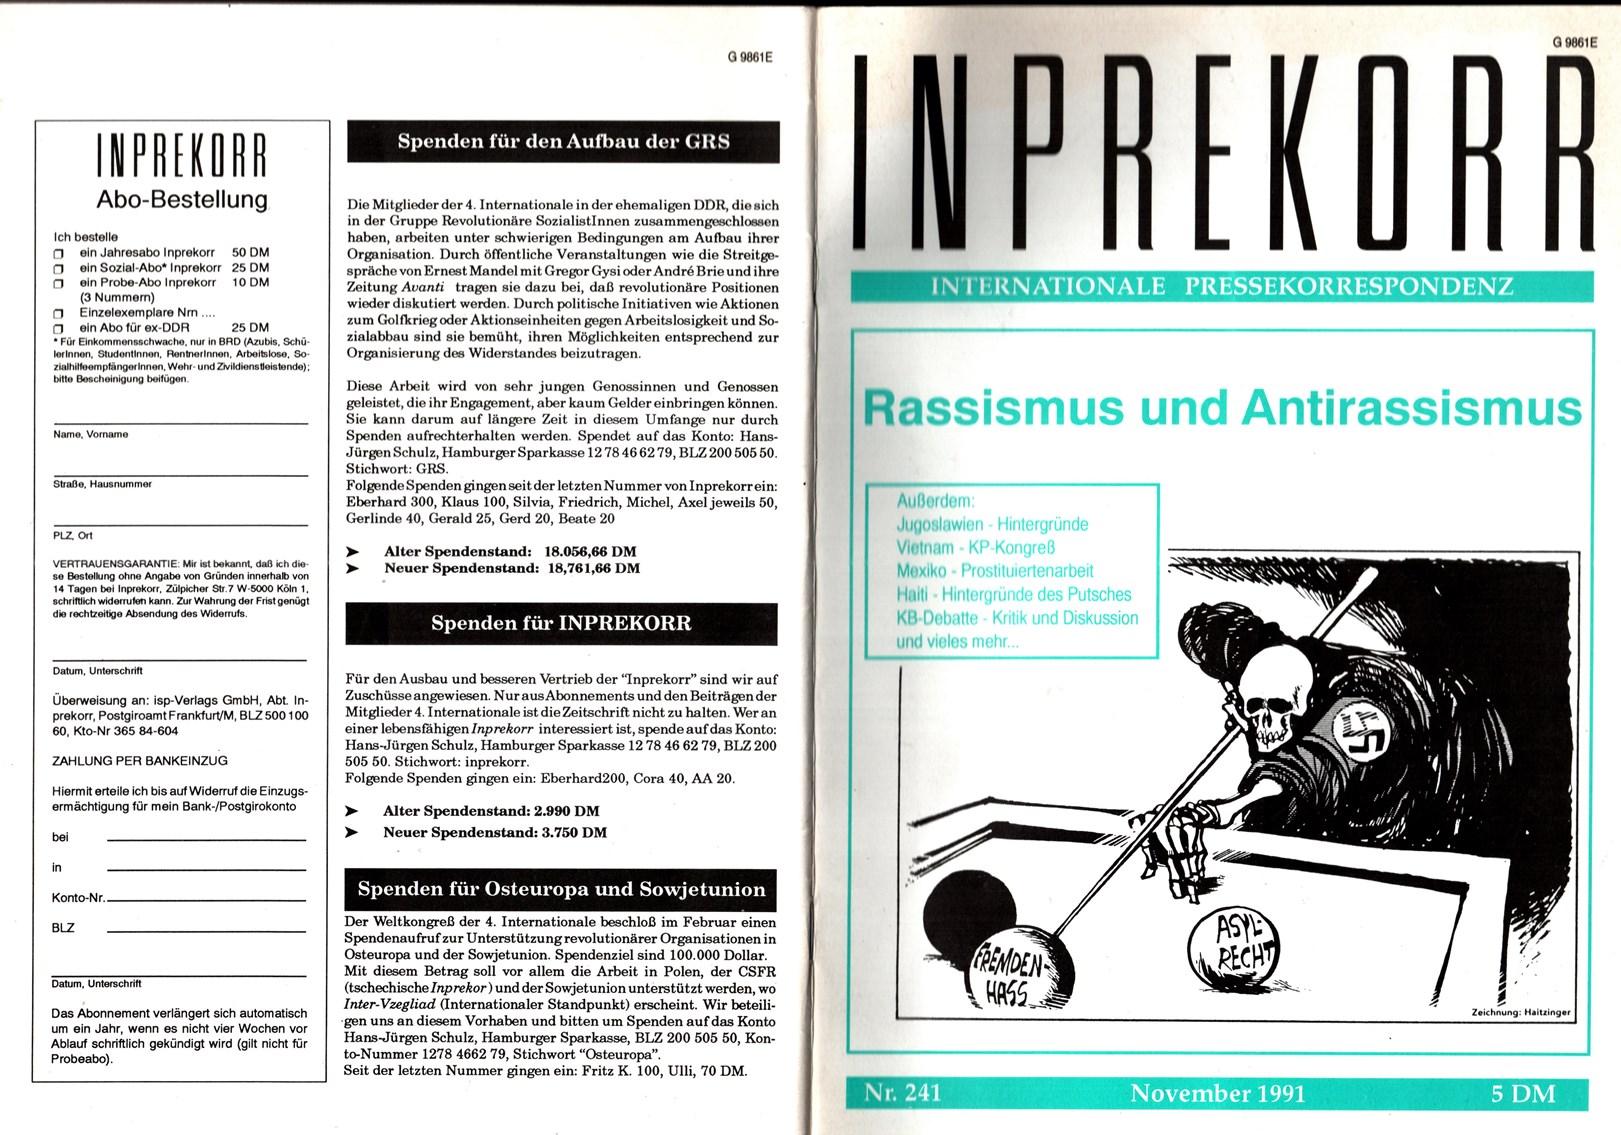 Inprekorr_19911100_241_001